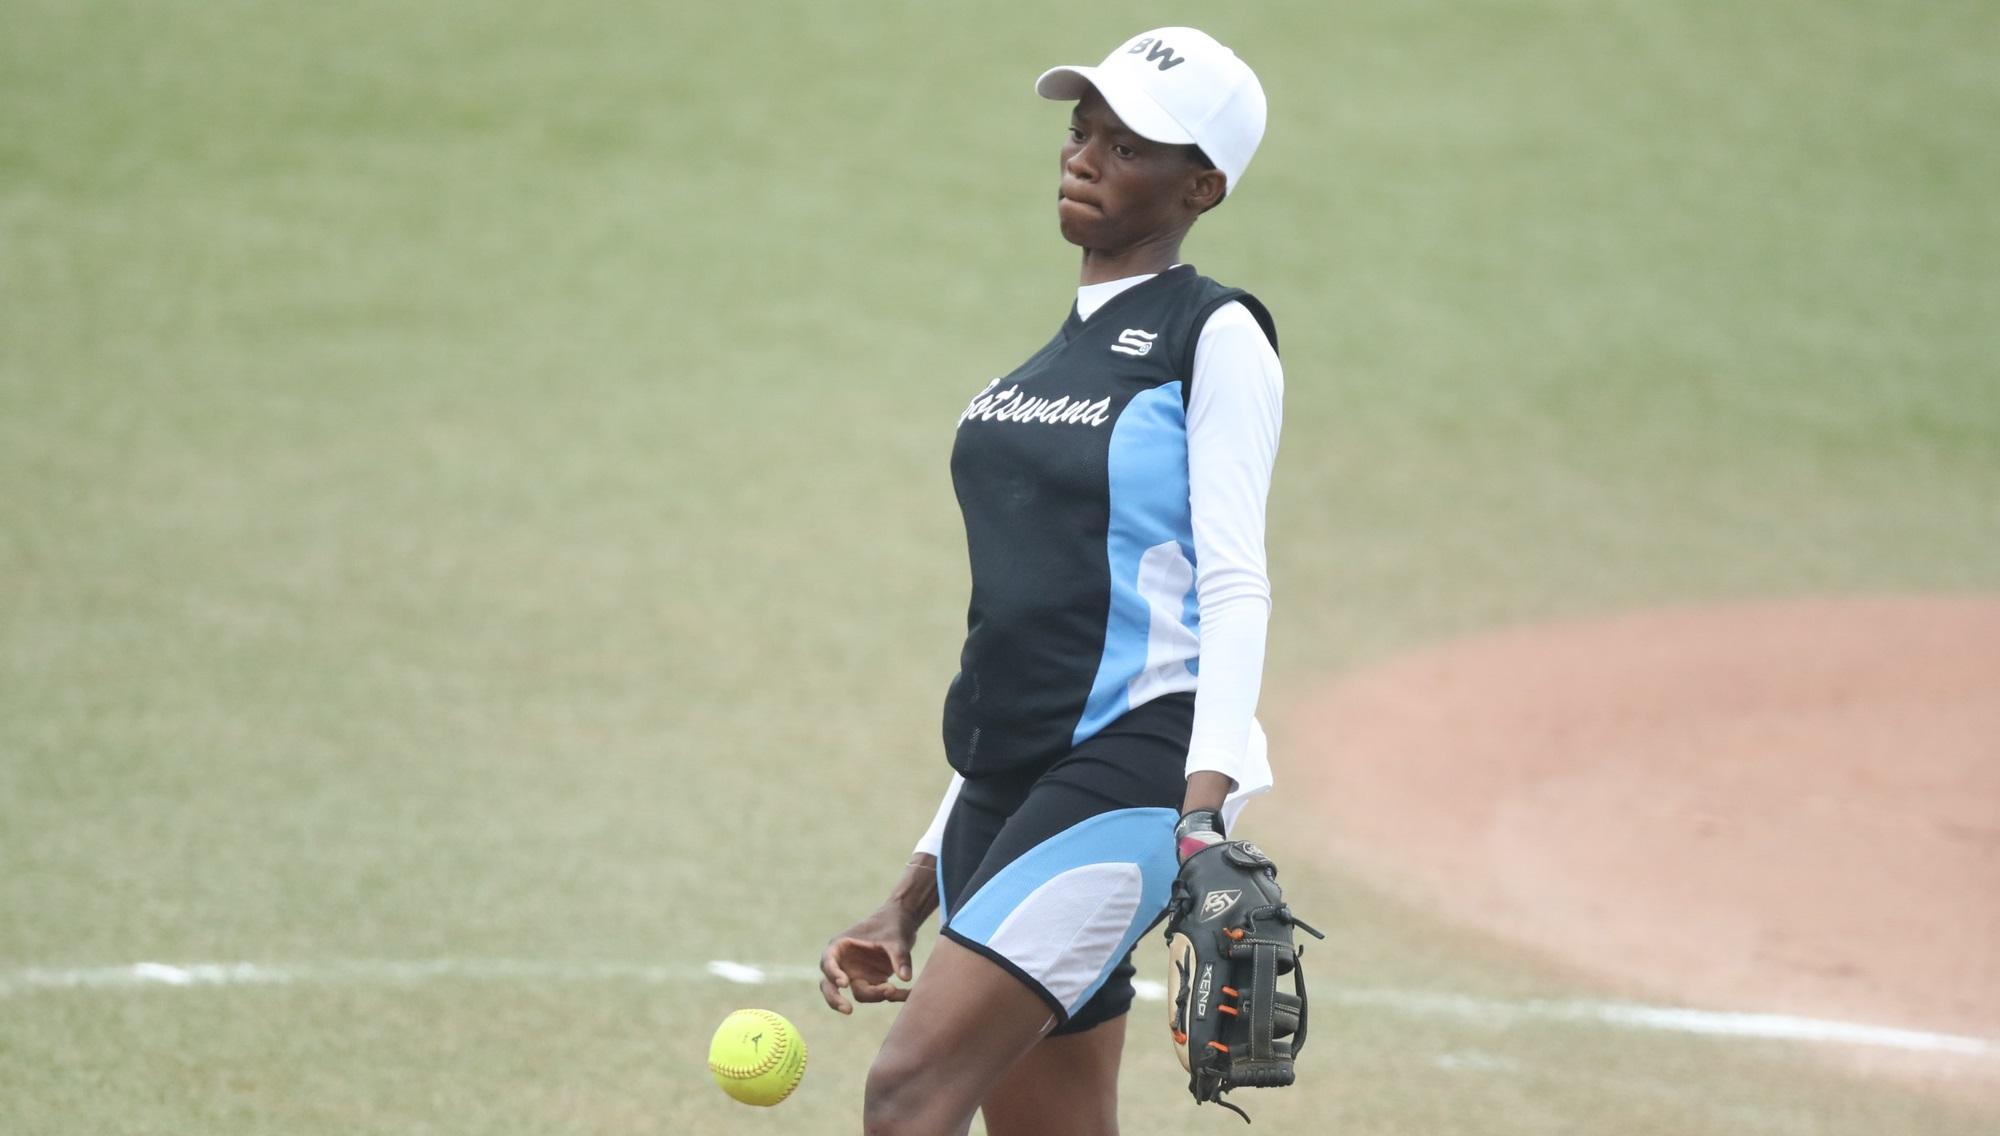 Gotlamang Sixpence started for Botswana